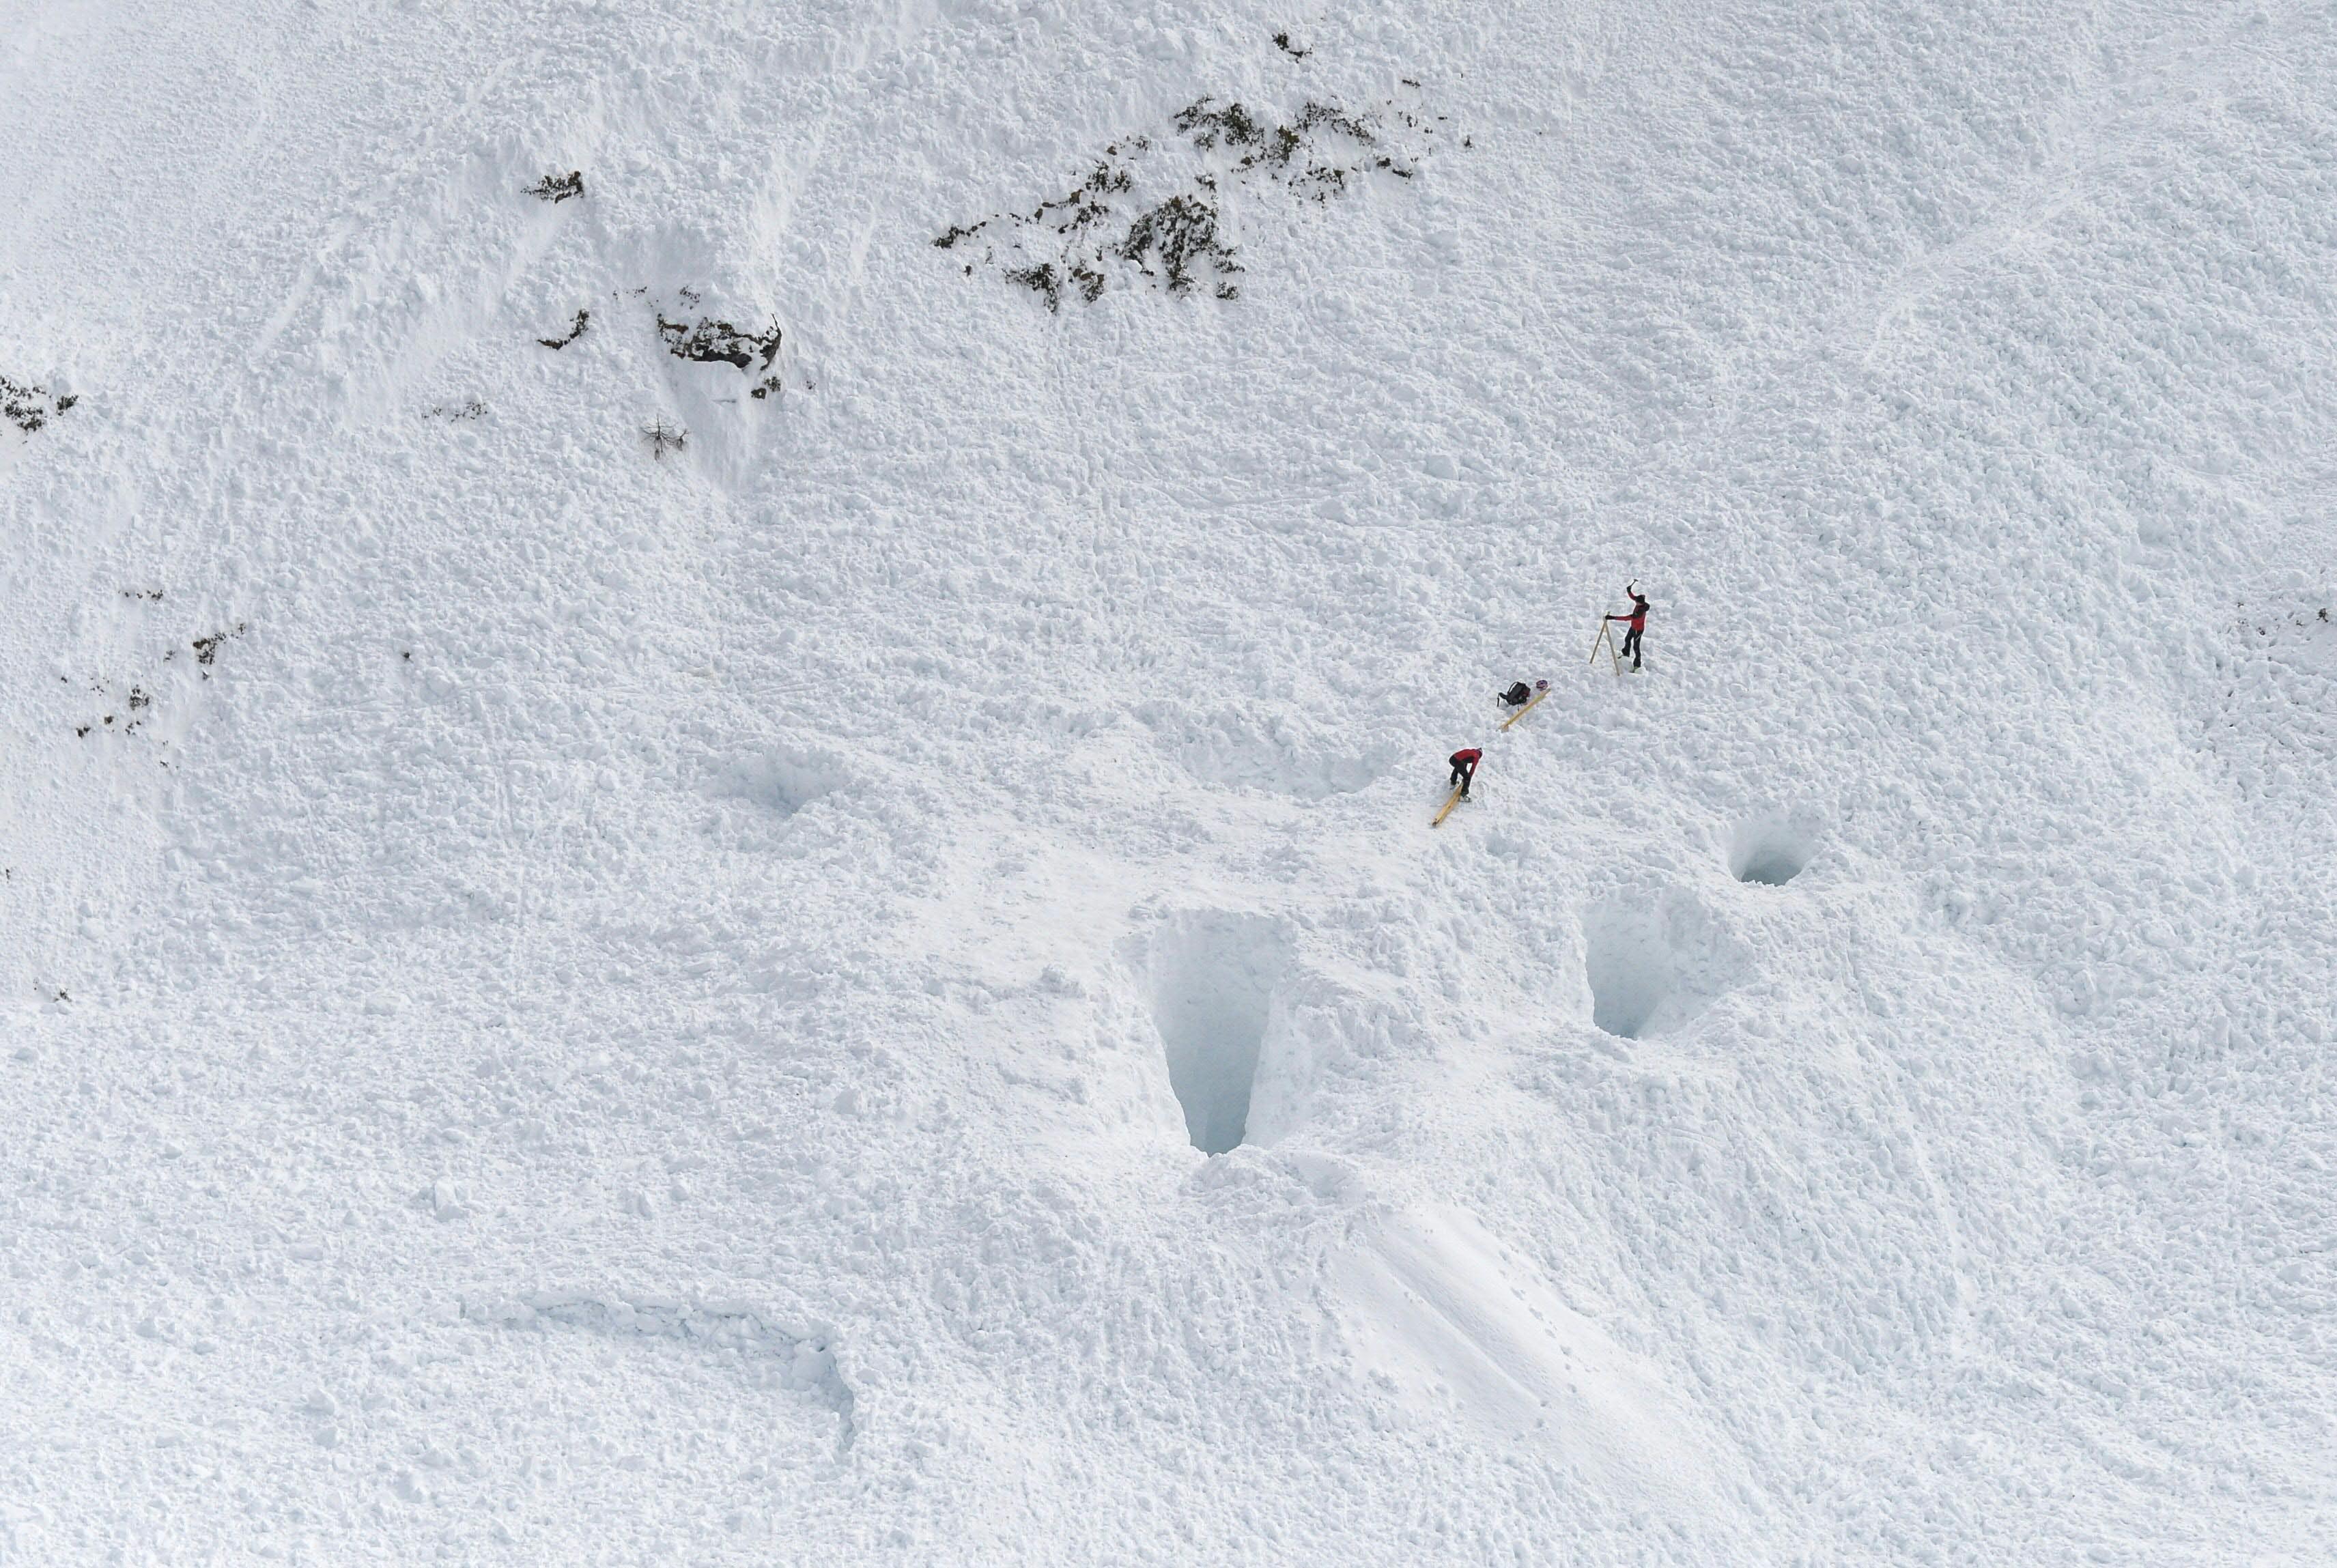 當雪崩發生的時候,如果沒有雪崩空氣包,很可能會被大雪埋沒,從而性命不保。(ZEITUNGSFOTO.AT/AFP/Getty Images)